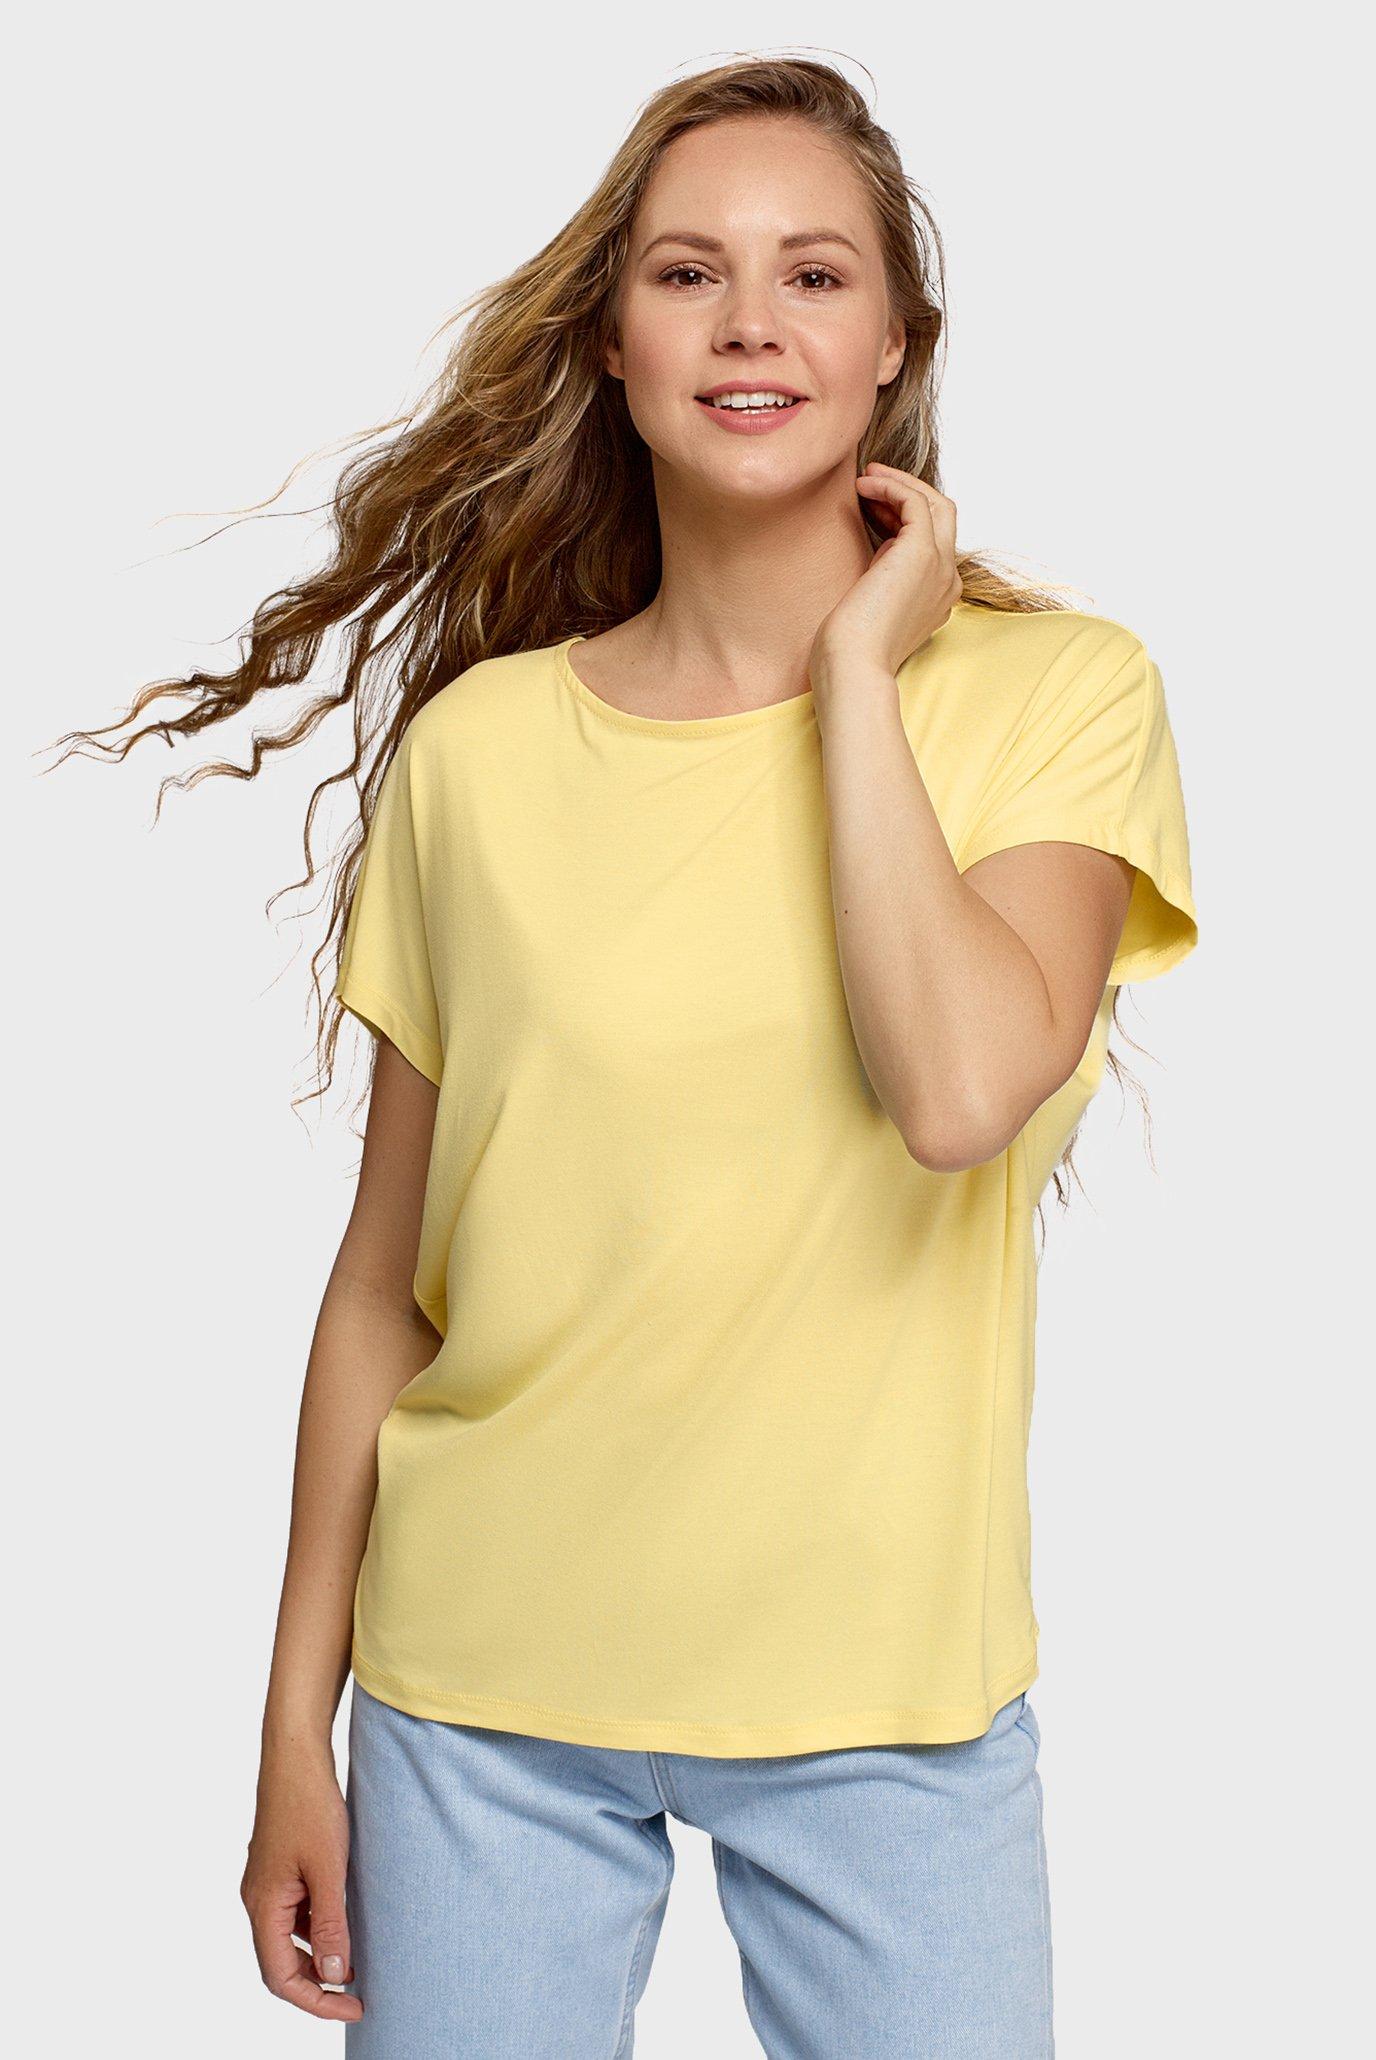 Женская желтая футболка 1